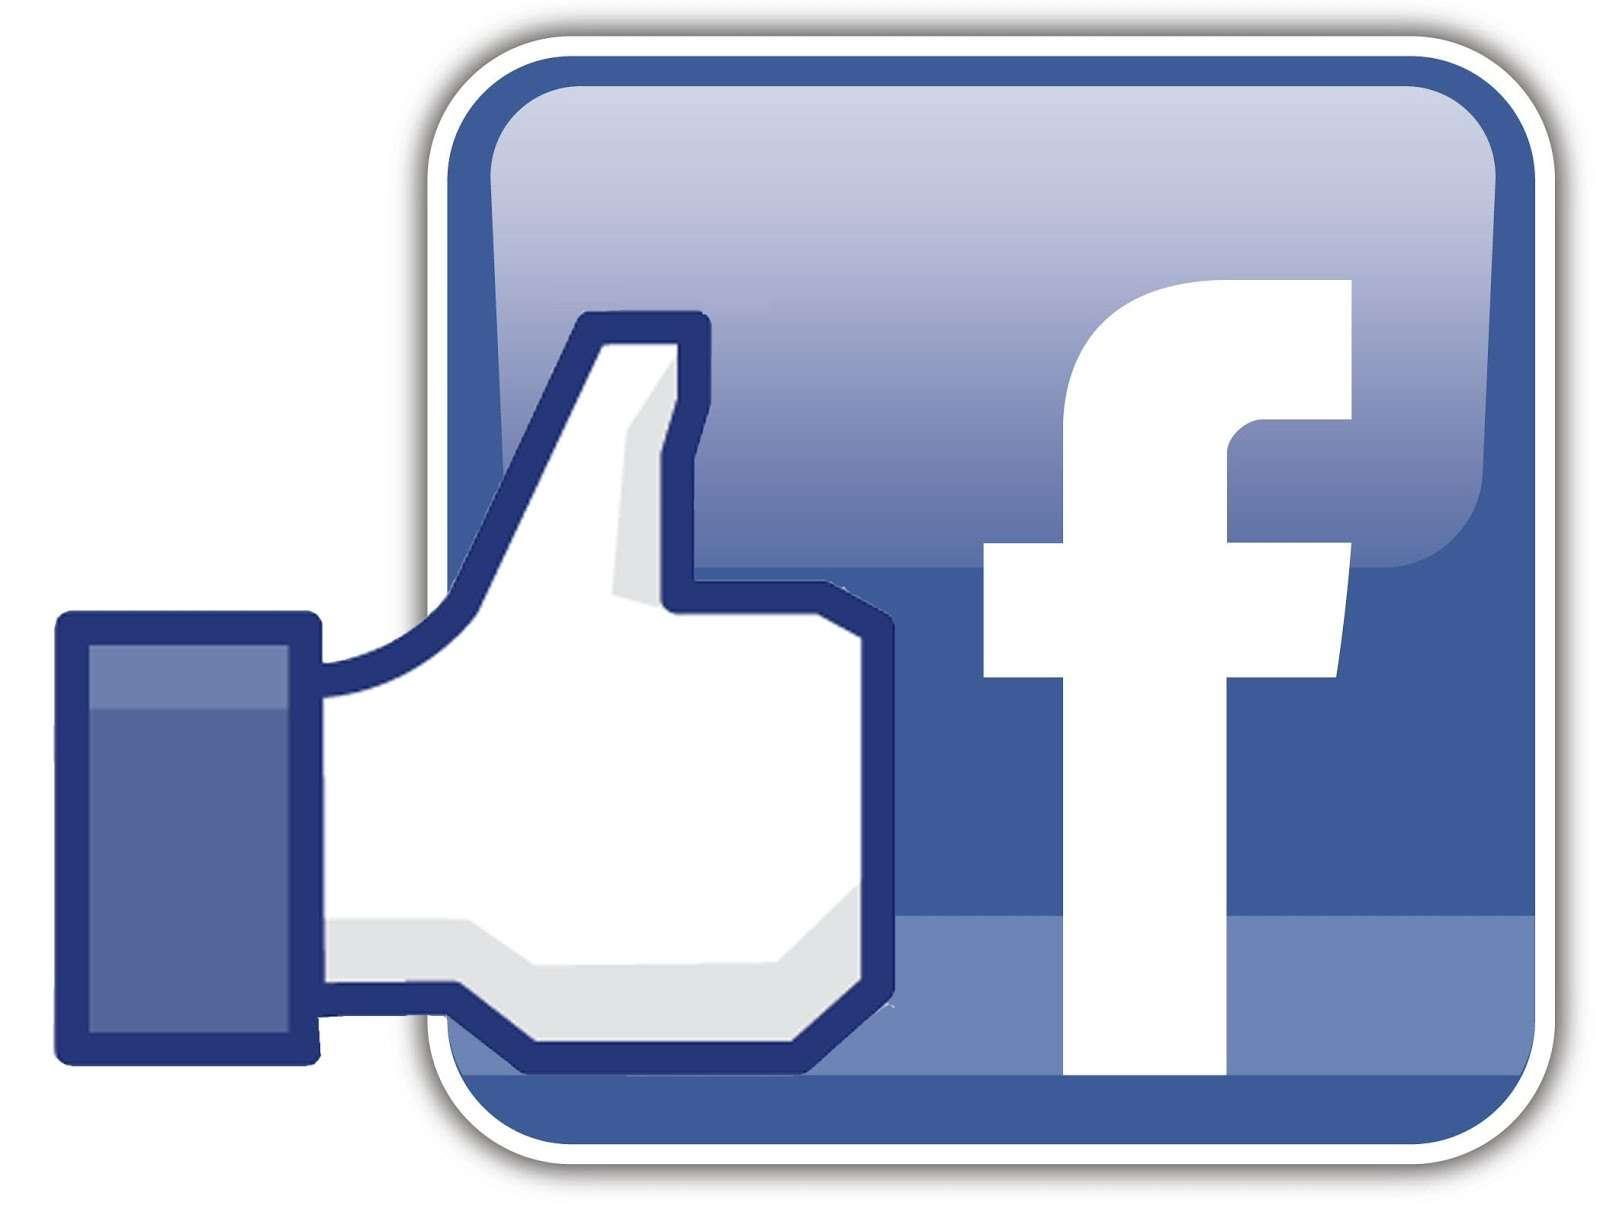 Facebookを楽しんでやっている方